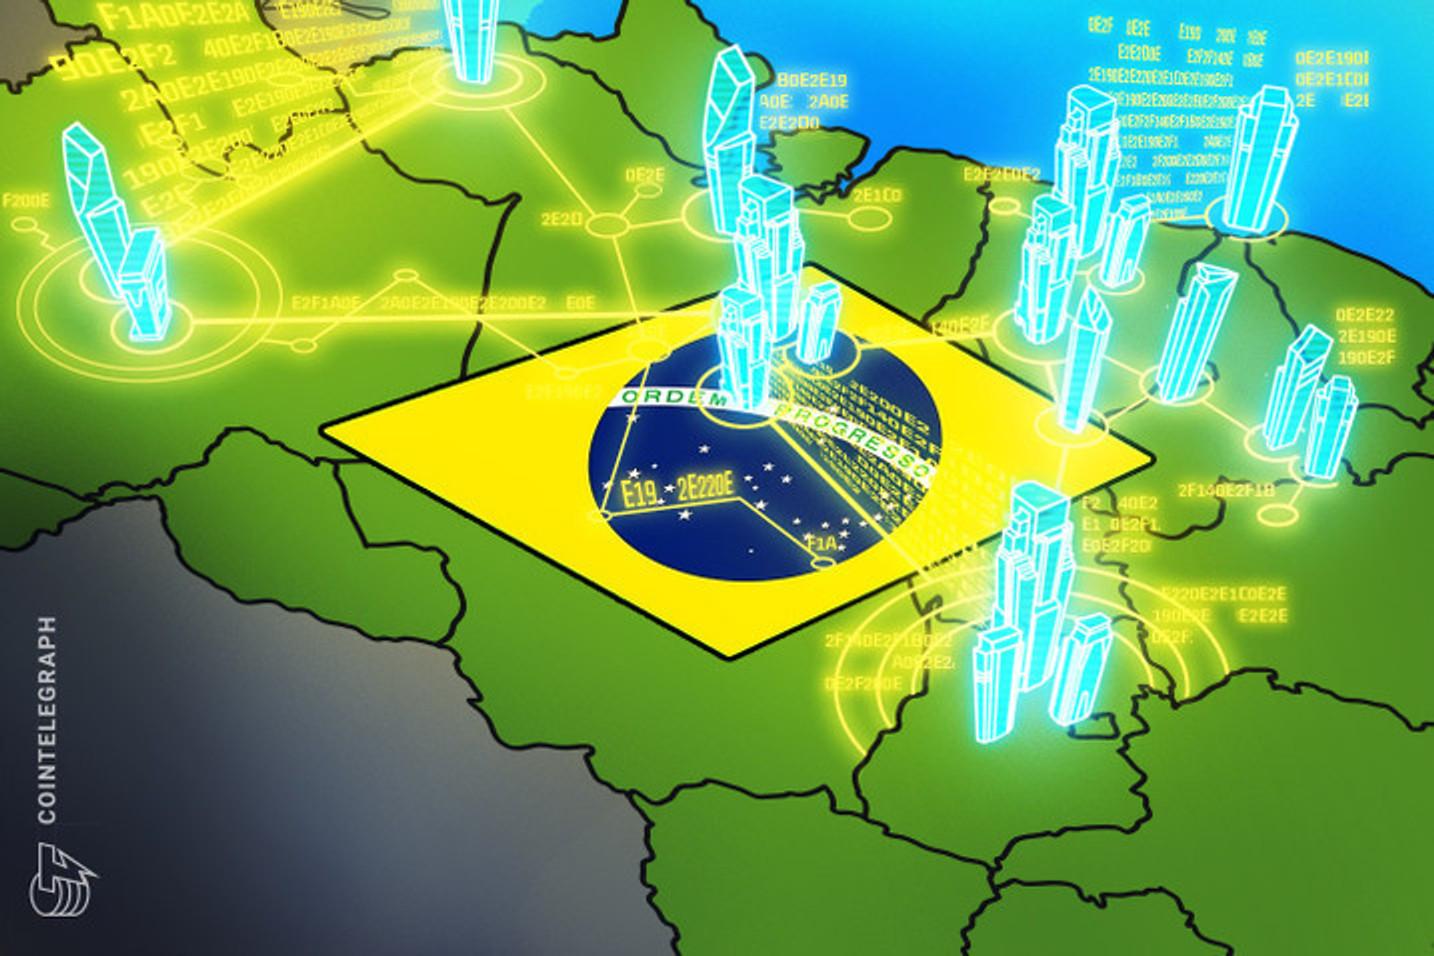 Fundos Multimercado baseados em Bitcoin e Criptomoedas estão em ascensão no Brasil